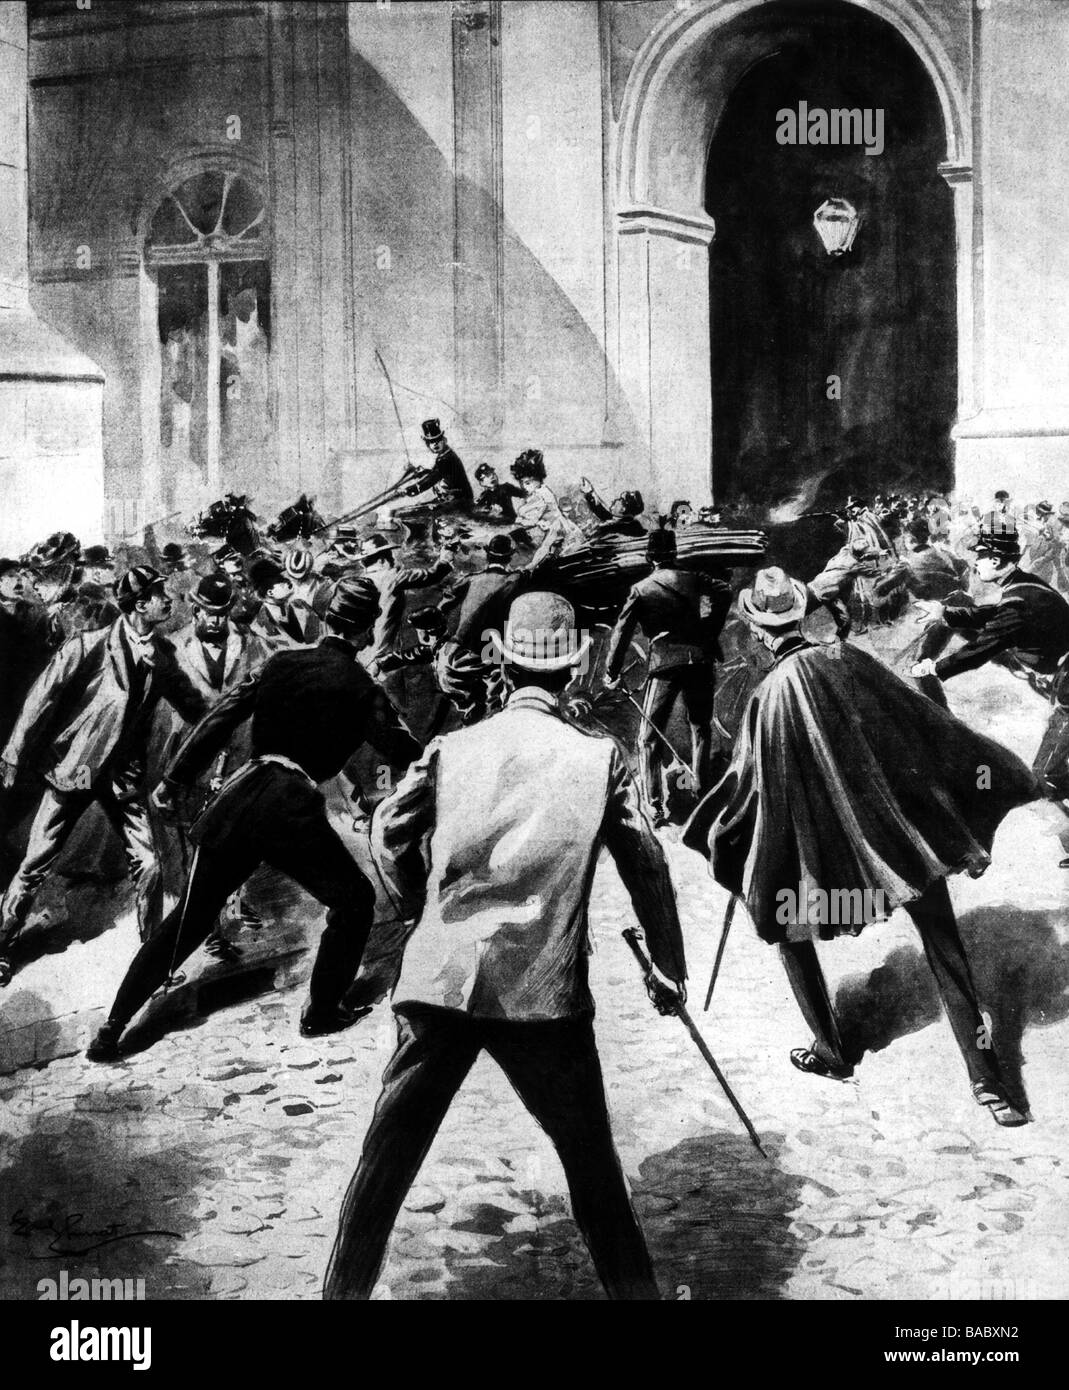 Charles, I, 28.9.1863 - 1.2.1908, König von Portugal, 80-1908, Tod, Attentat in Lissabon, 1.2.1908, zeitgenössische Stockfoto